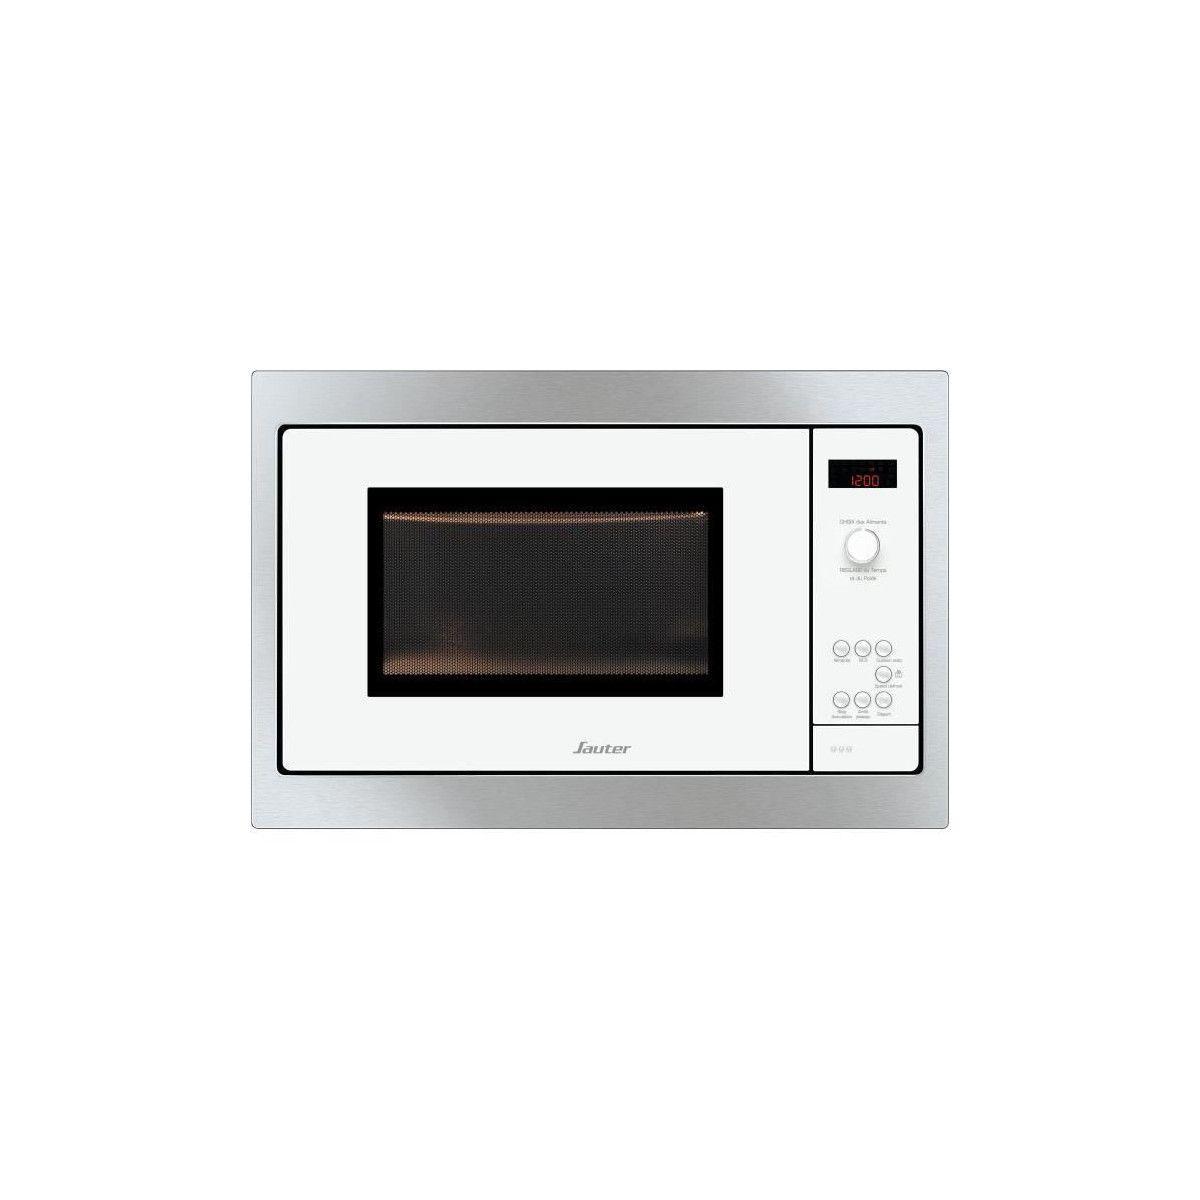 Sauter Micro-ondes Encastrable 26l Sauter 900w 59.2cm, Sau3660767206496